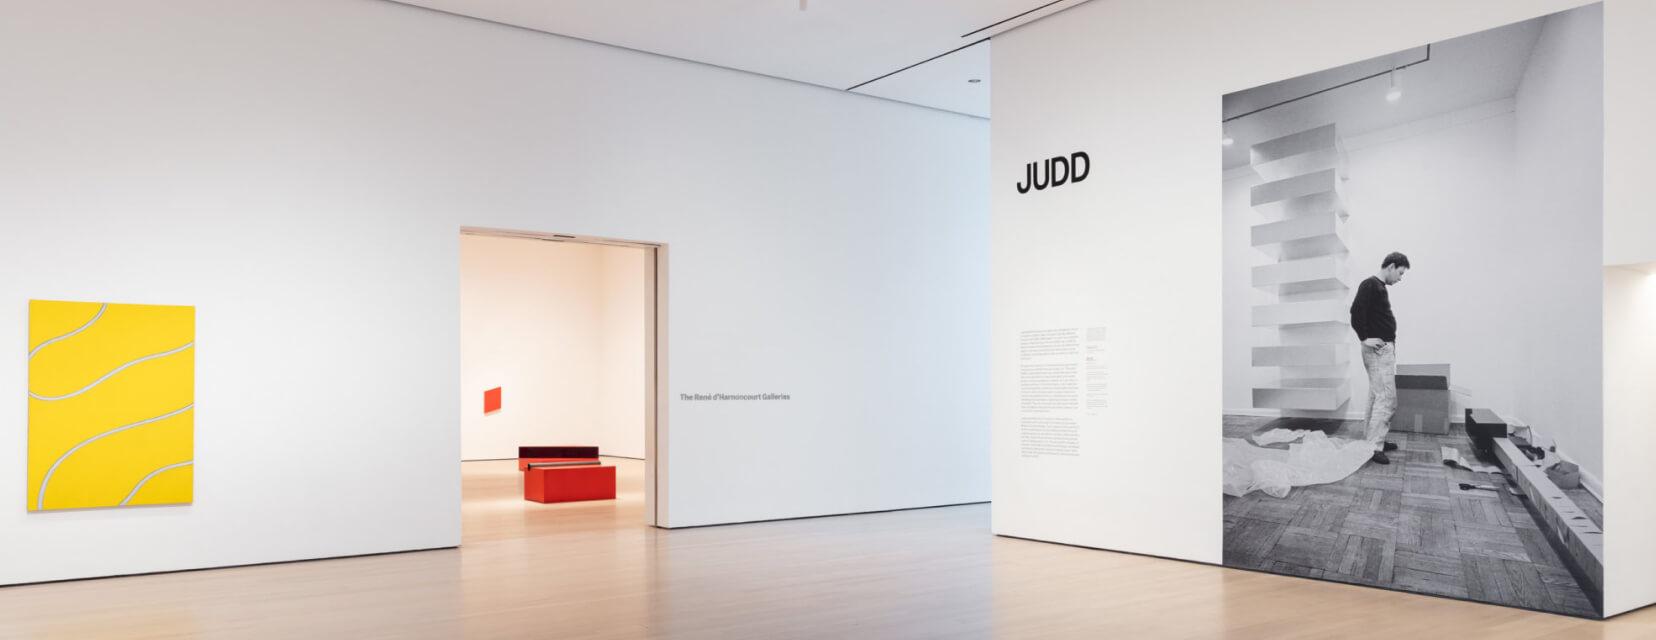 DONALD JUDD AT MOMA